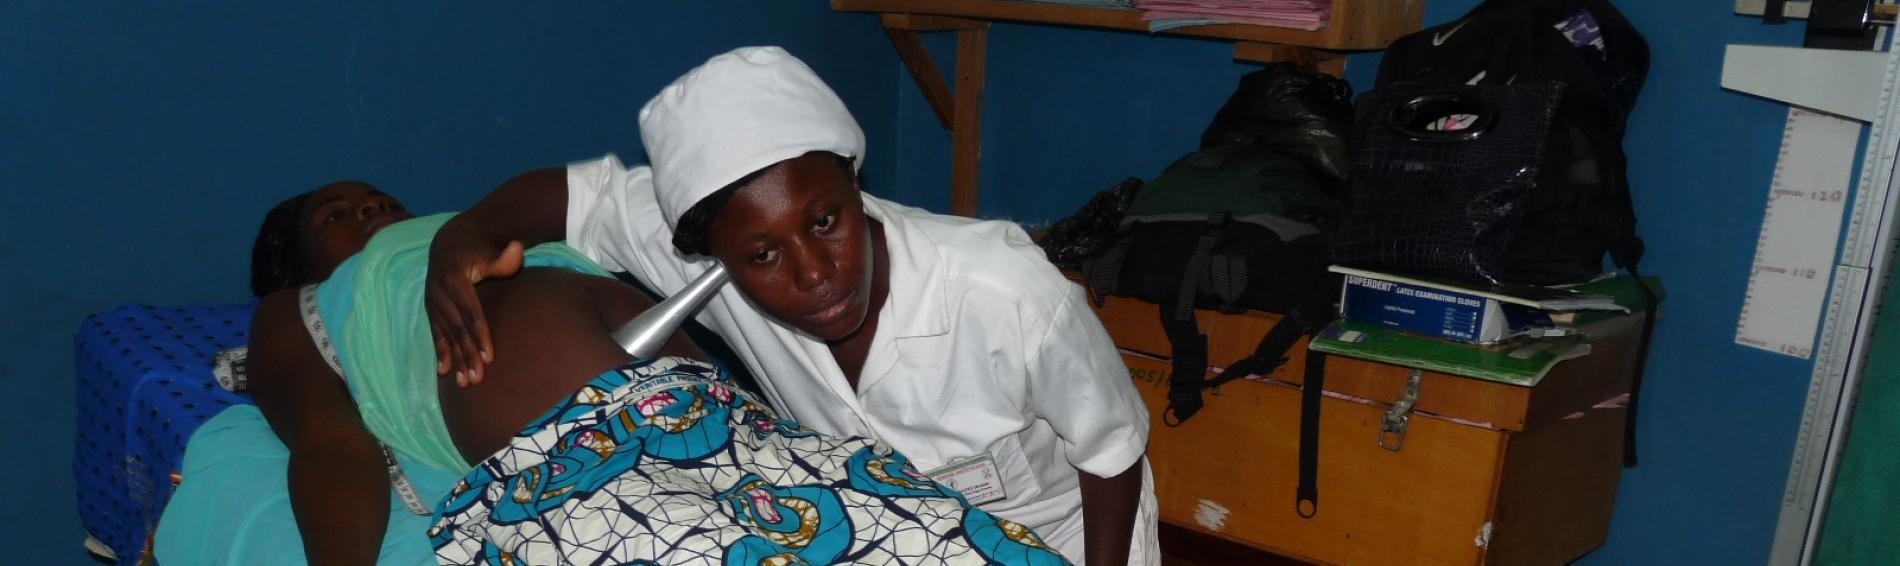 Hebammenprojekt in Togo. Foto: Ärzte der Welt